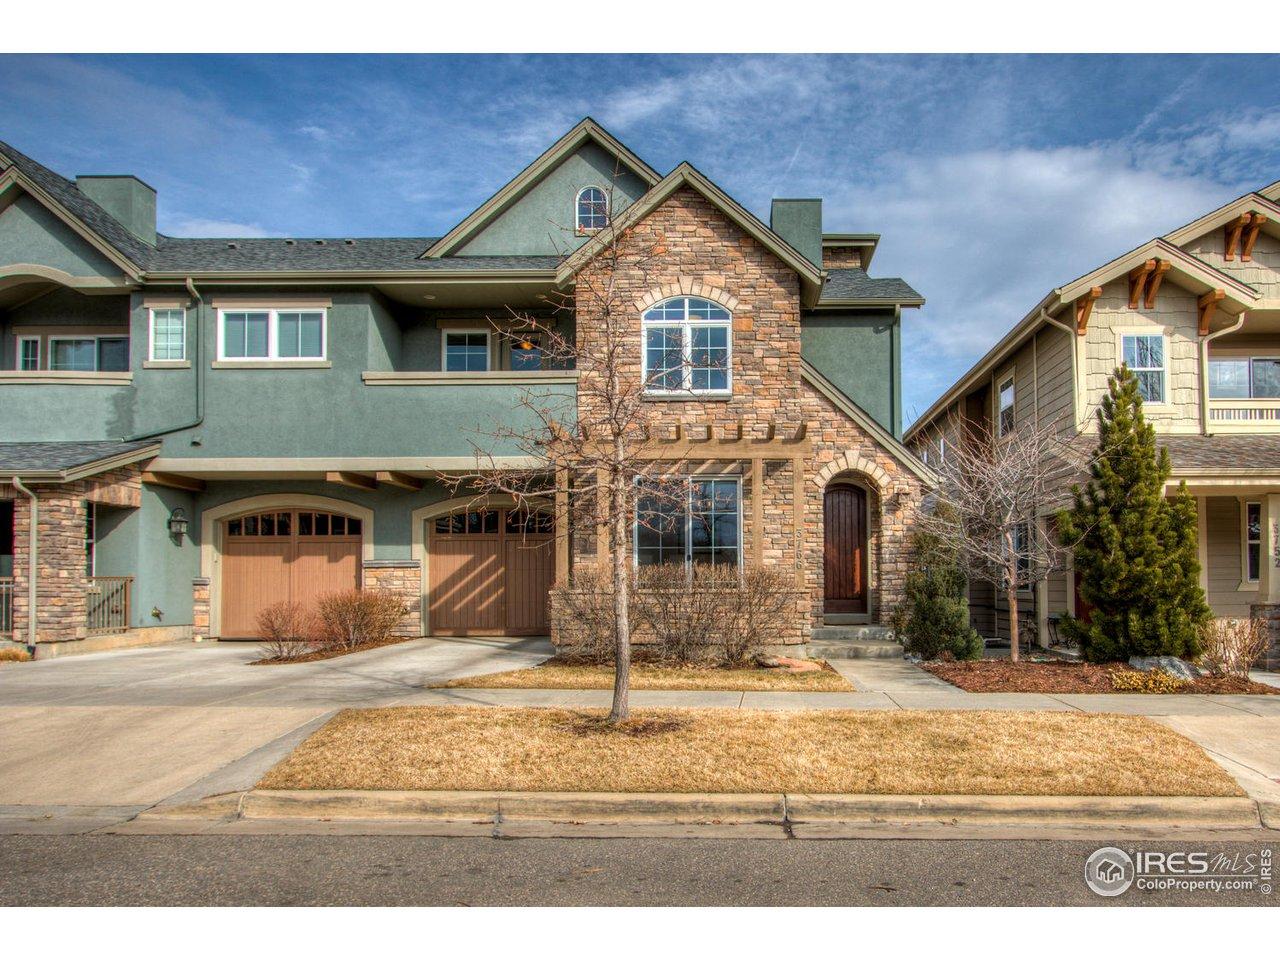 3766 Ridgeway St, Boulder CO 80301